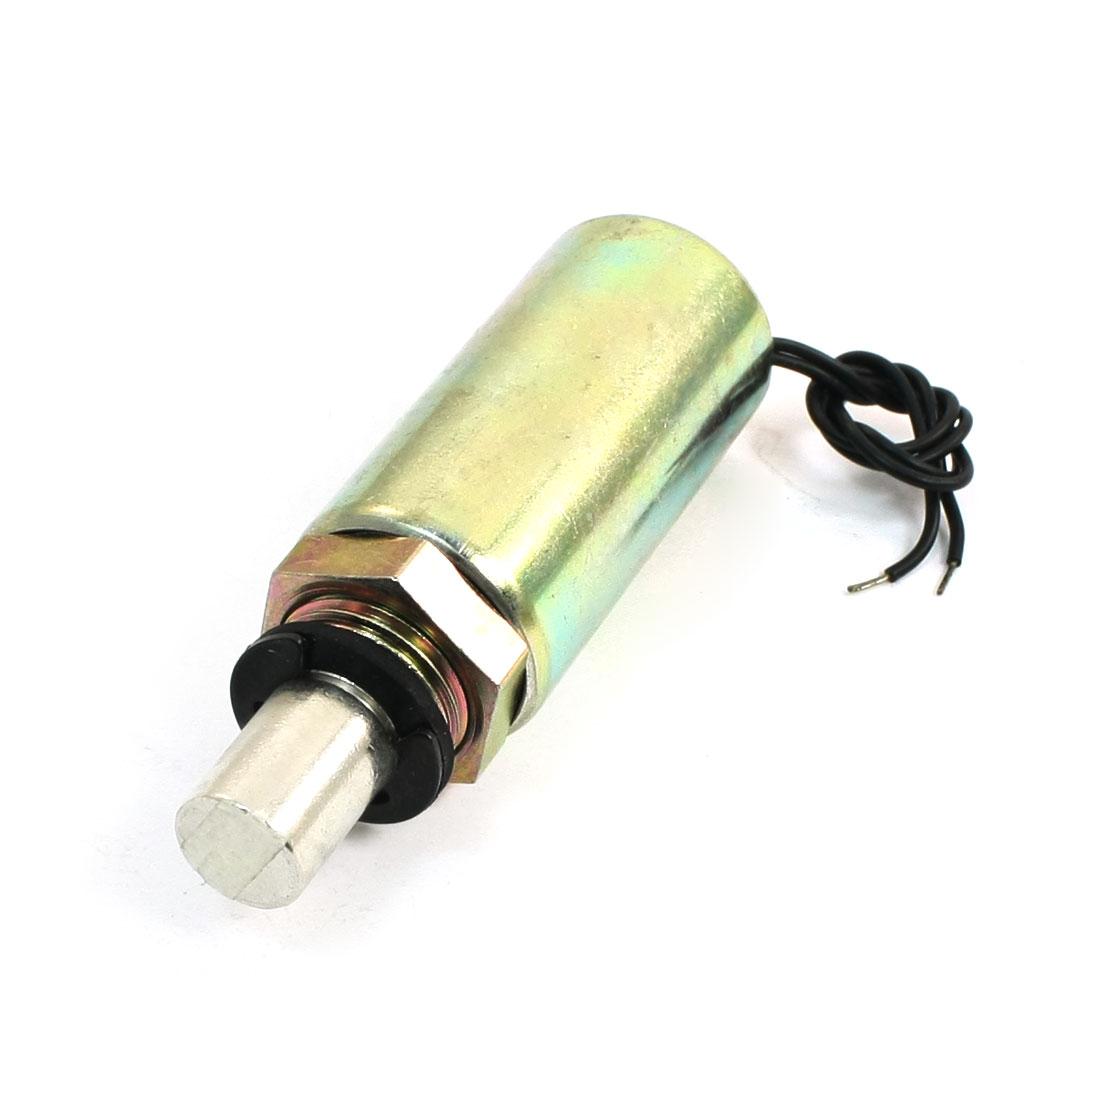 DC 12V 5mm 1130g 10mm 450g Pull Type Tubular Solenoid Electromagnet